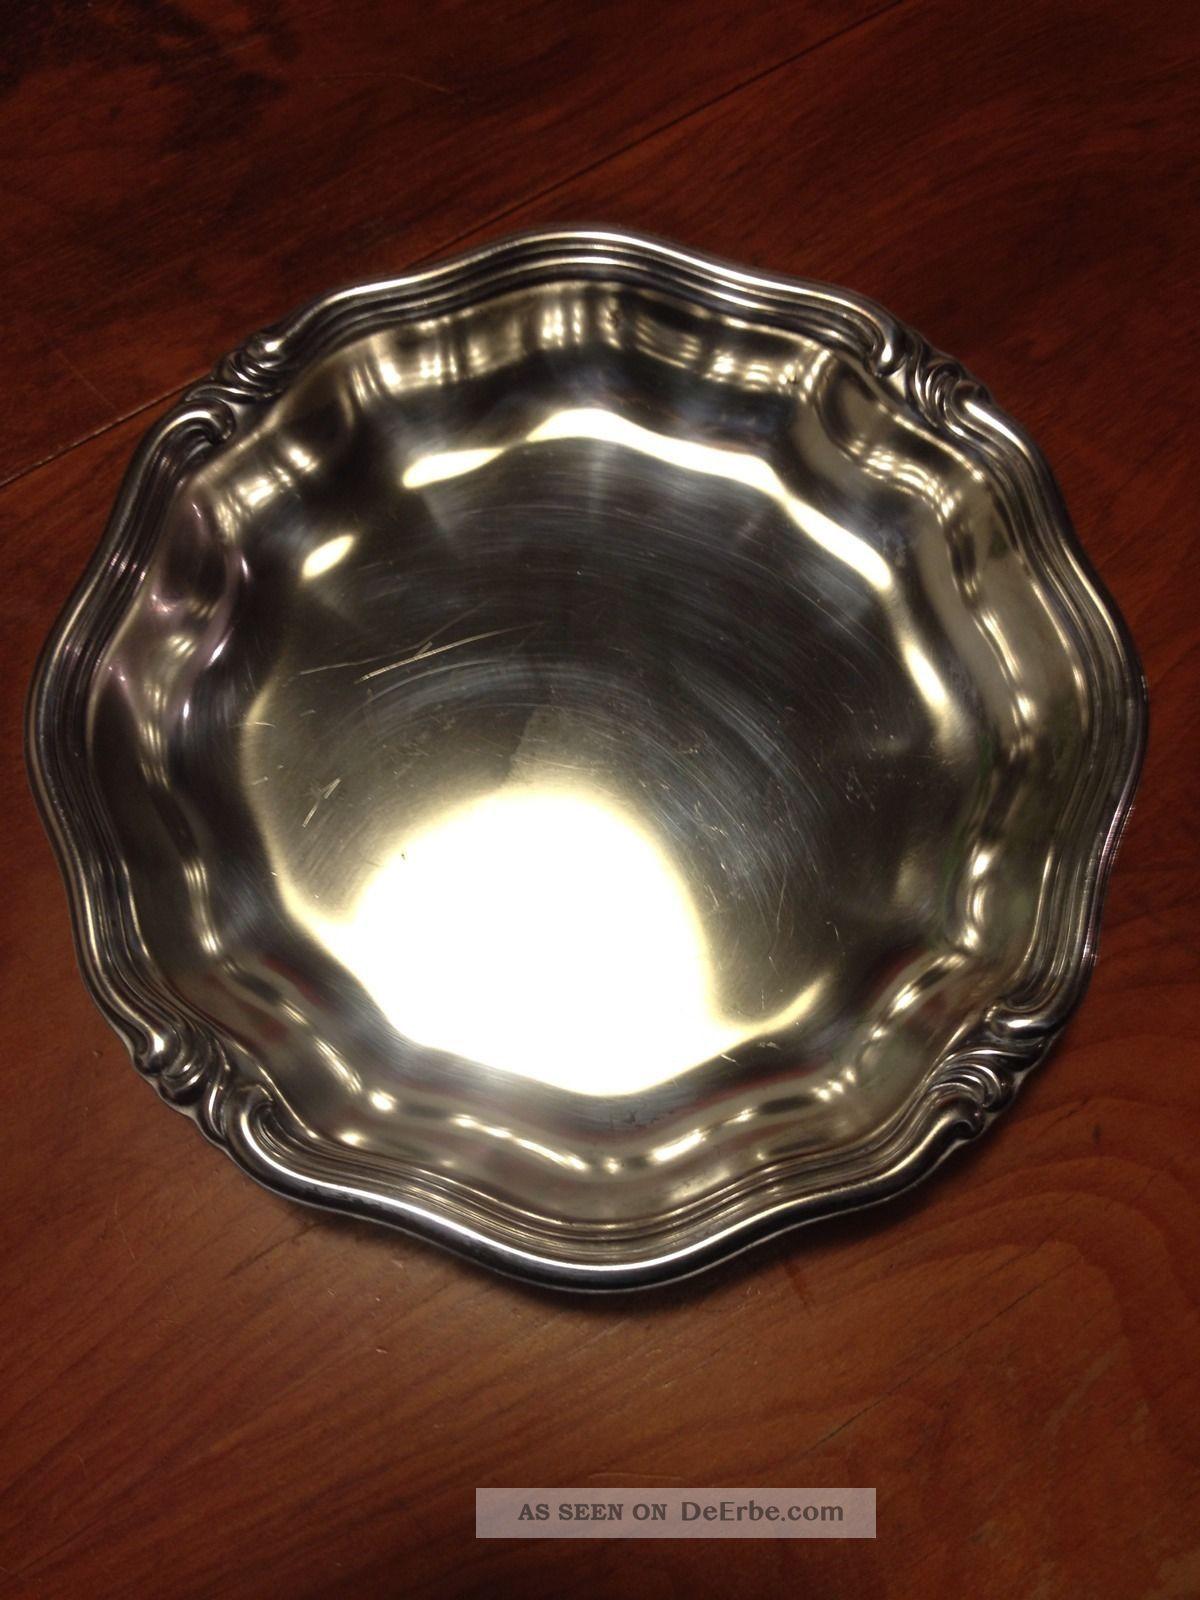 Silber Wmf 2200 Servierschale / Obstschale Versilbert Objekte ab 1945 Bild